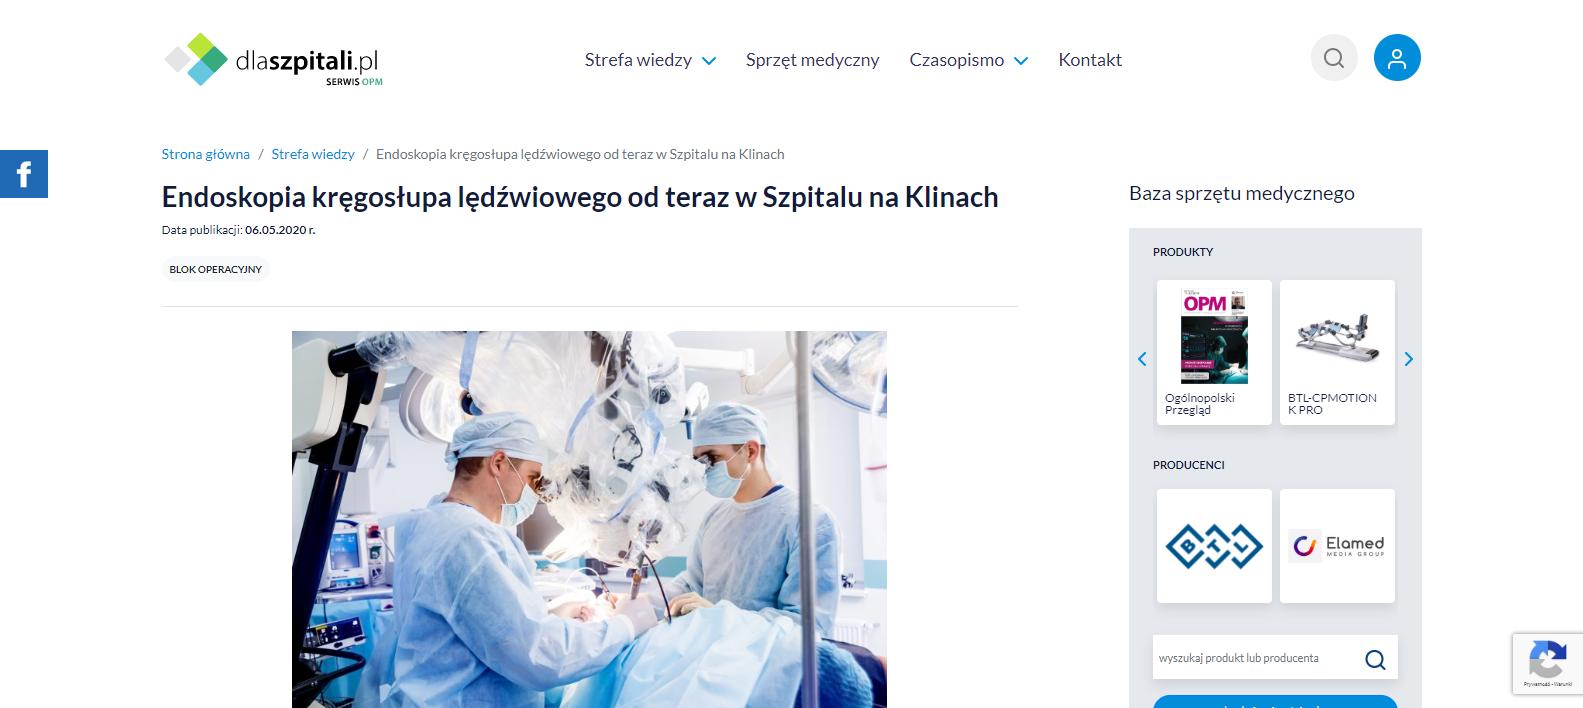 Endoskopia kręgosłupa lędźwiowego od teraz w Szpitalu na Klinach